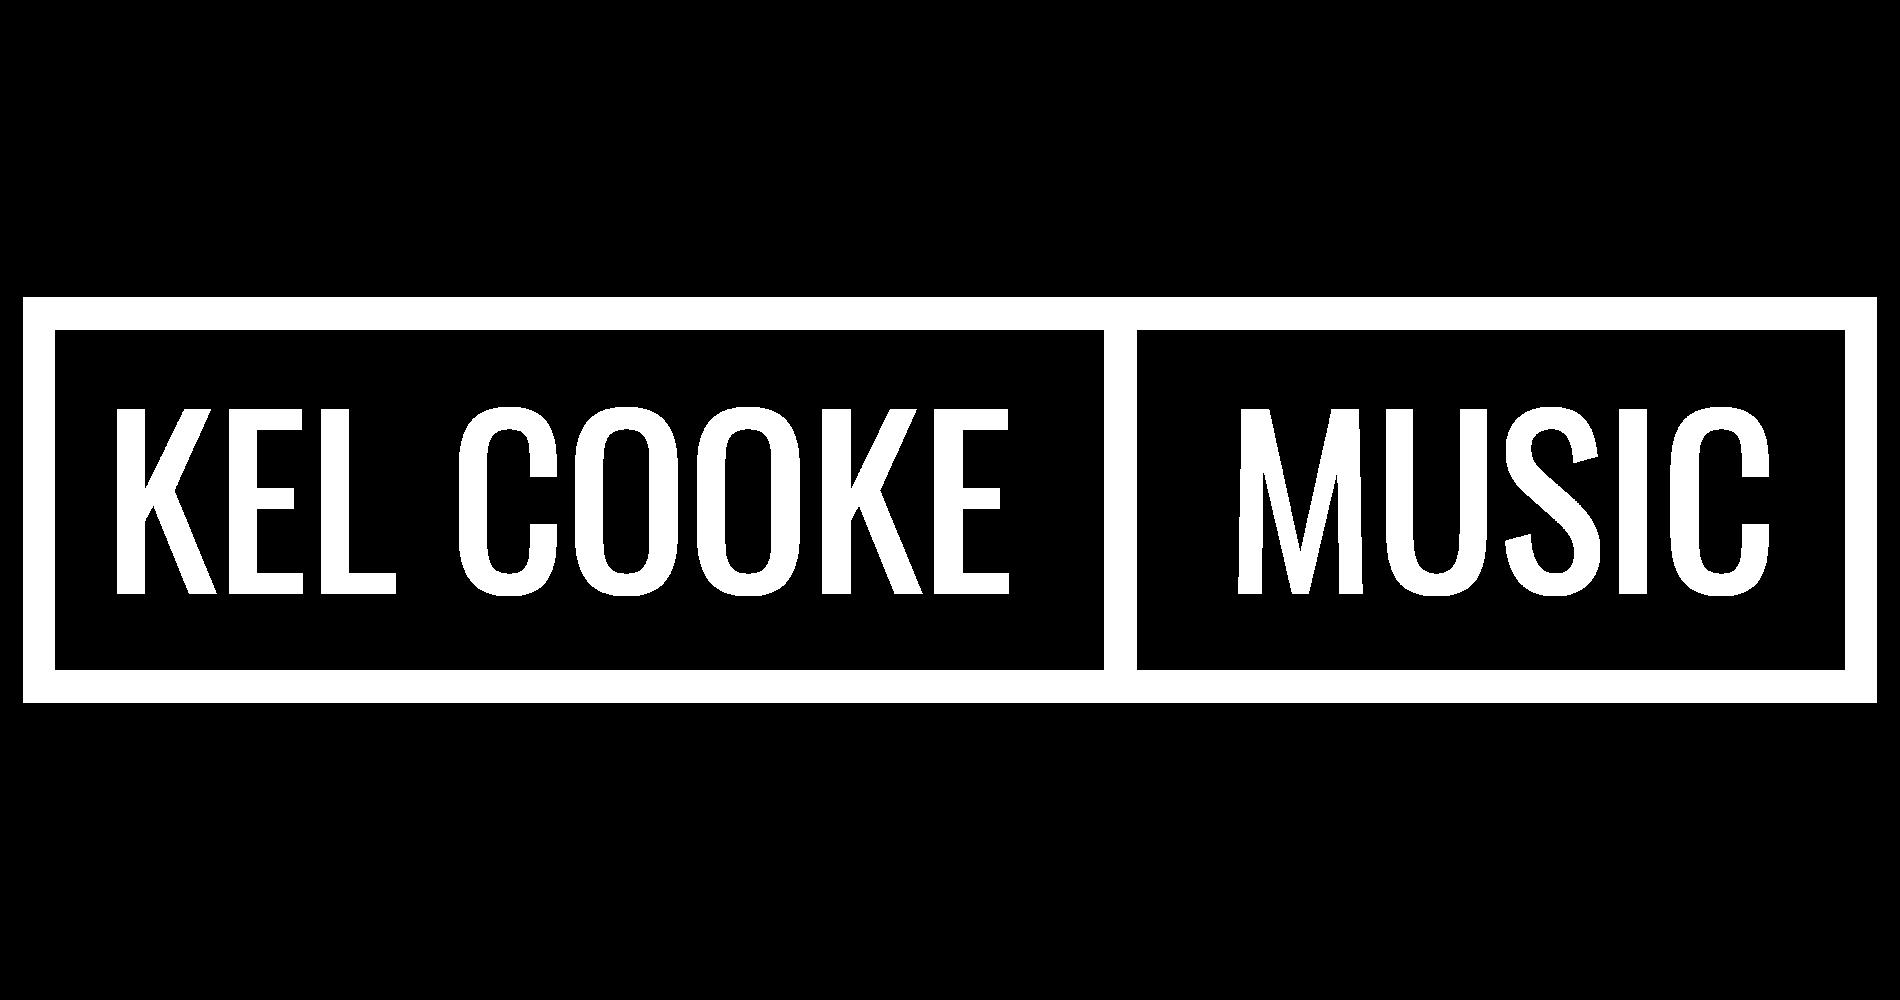 Kel Cooke Music